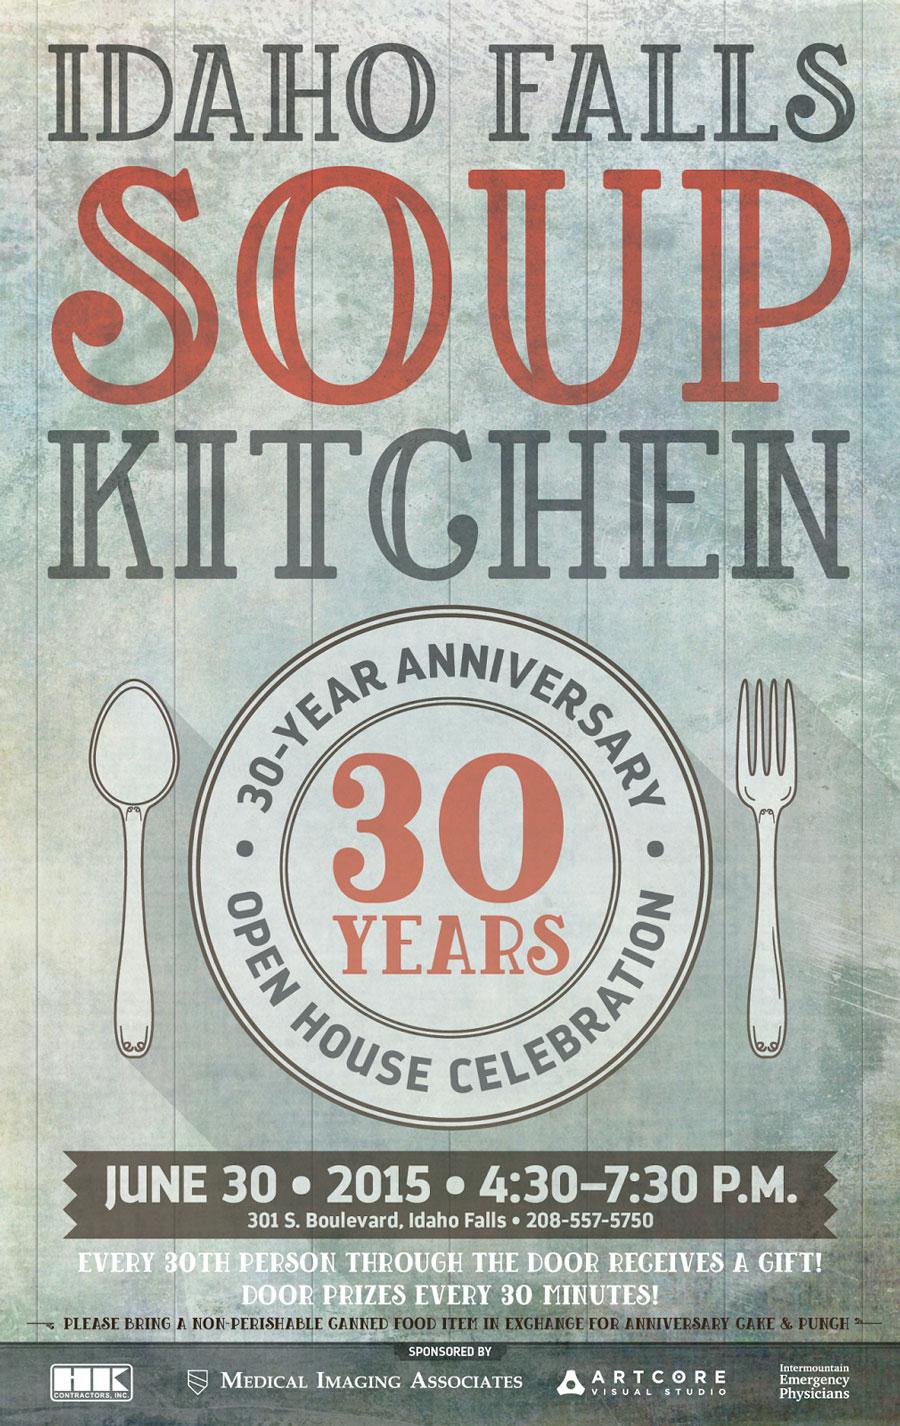 Soup Kitchen In Boise Idaho